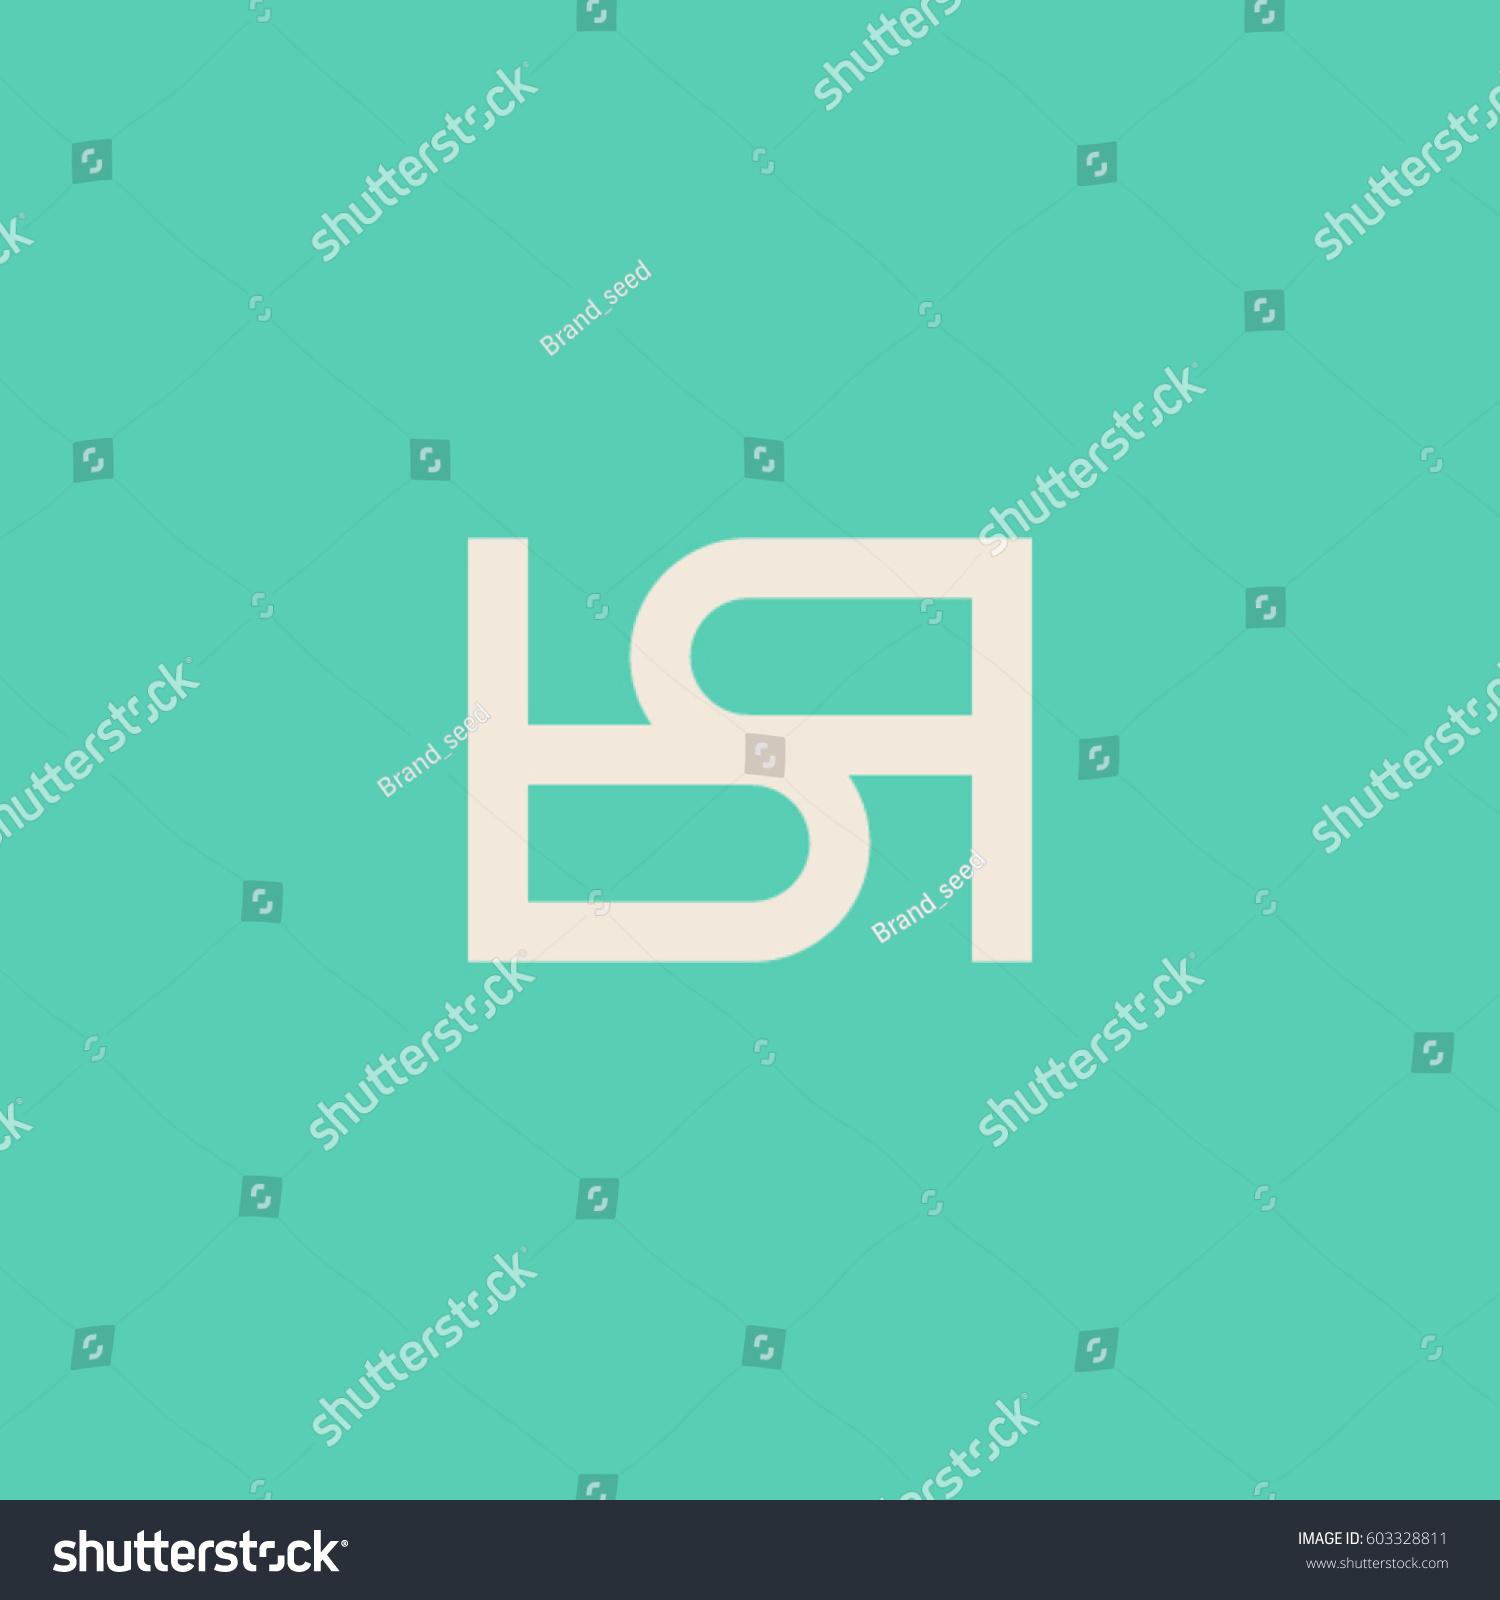 P s symbol p s letter stock vector 603328811 shutterstock p s symbol p s letter character typeface sign icon buycottarizona